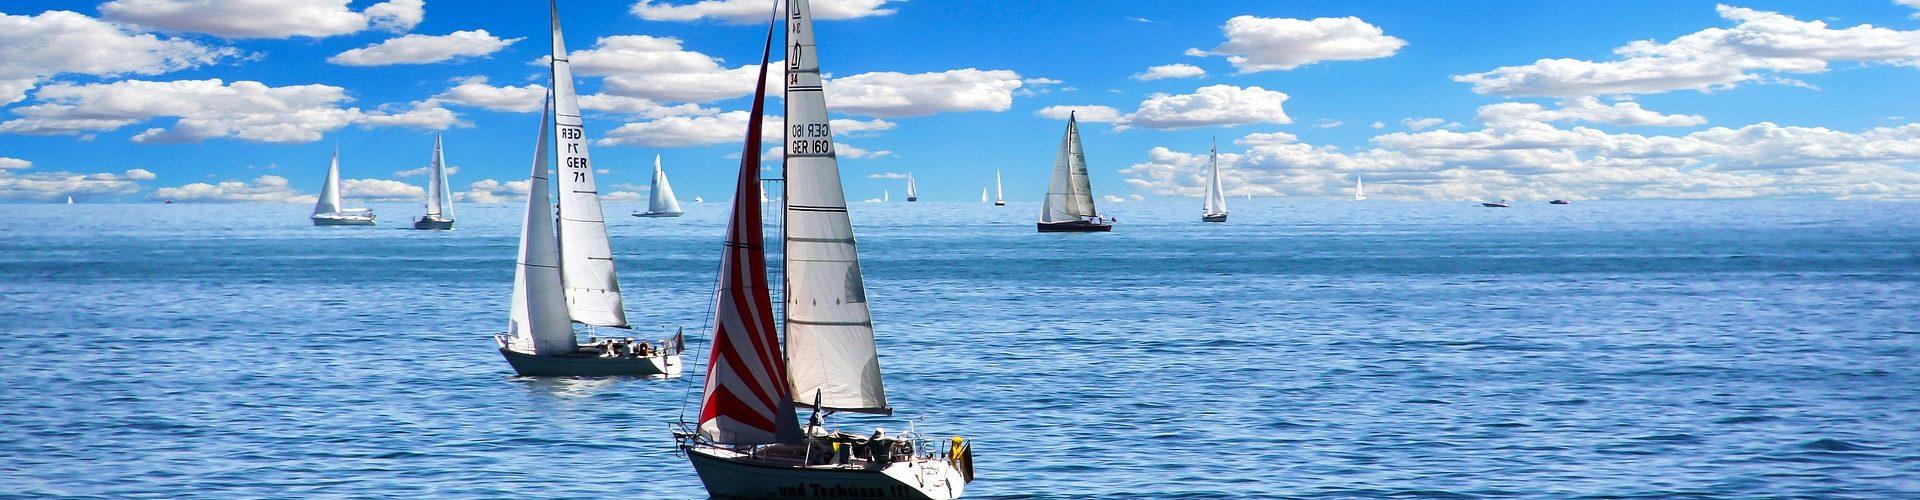 segeln lernen in Mitterskirchen segelschein machen in Mitterskirchen 1920x500 - Segeln lernen in Mitterskirchen